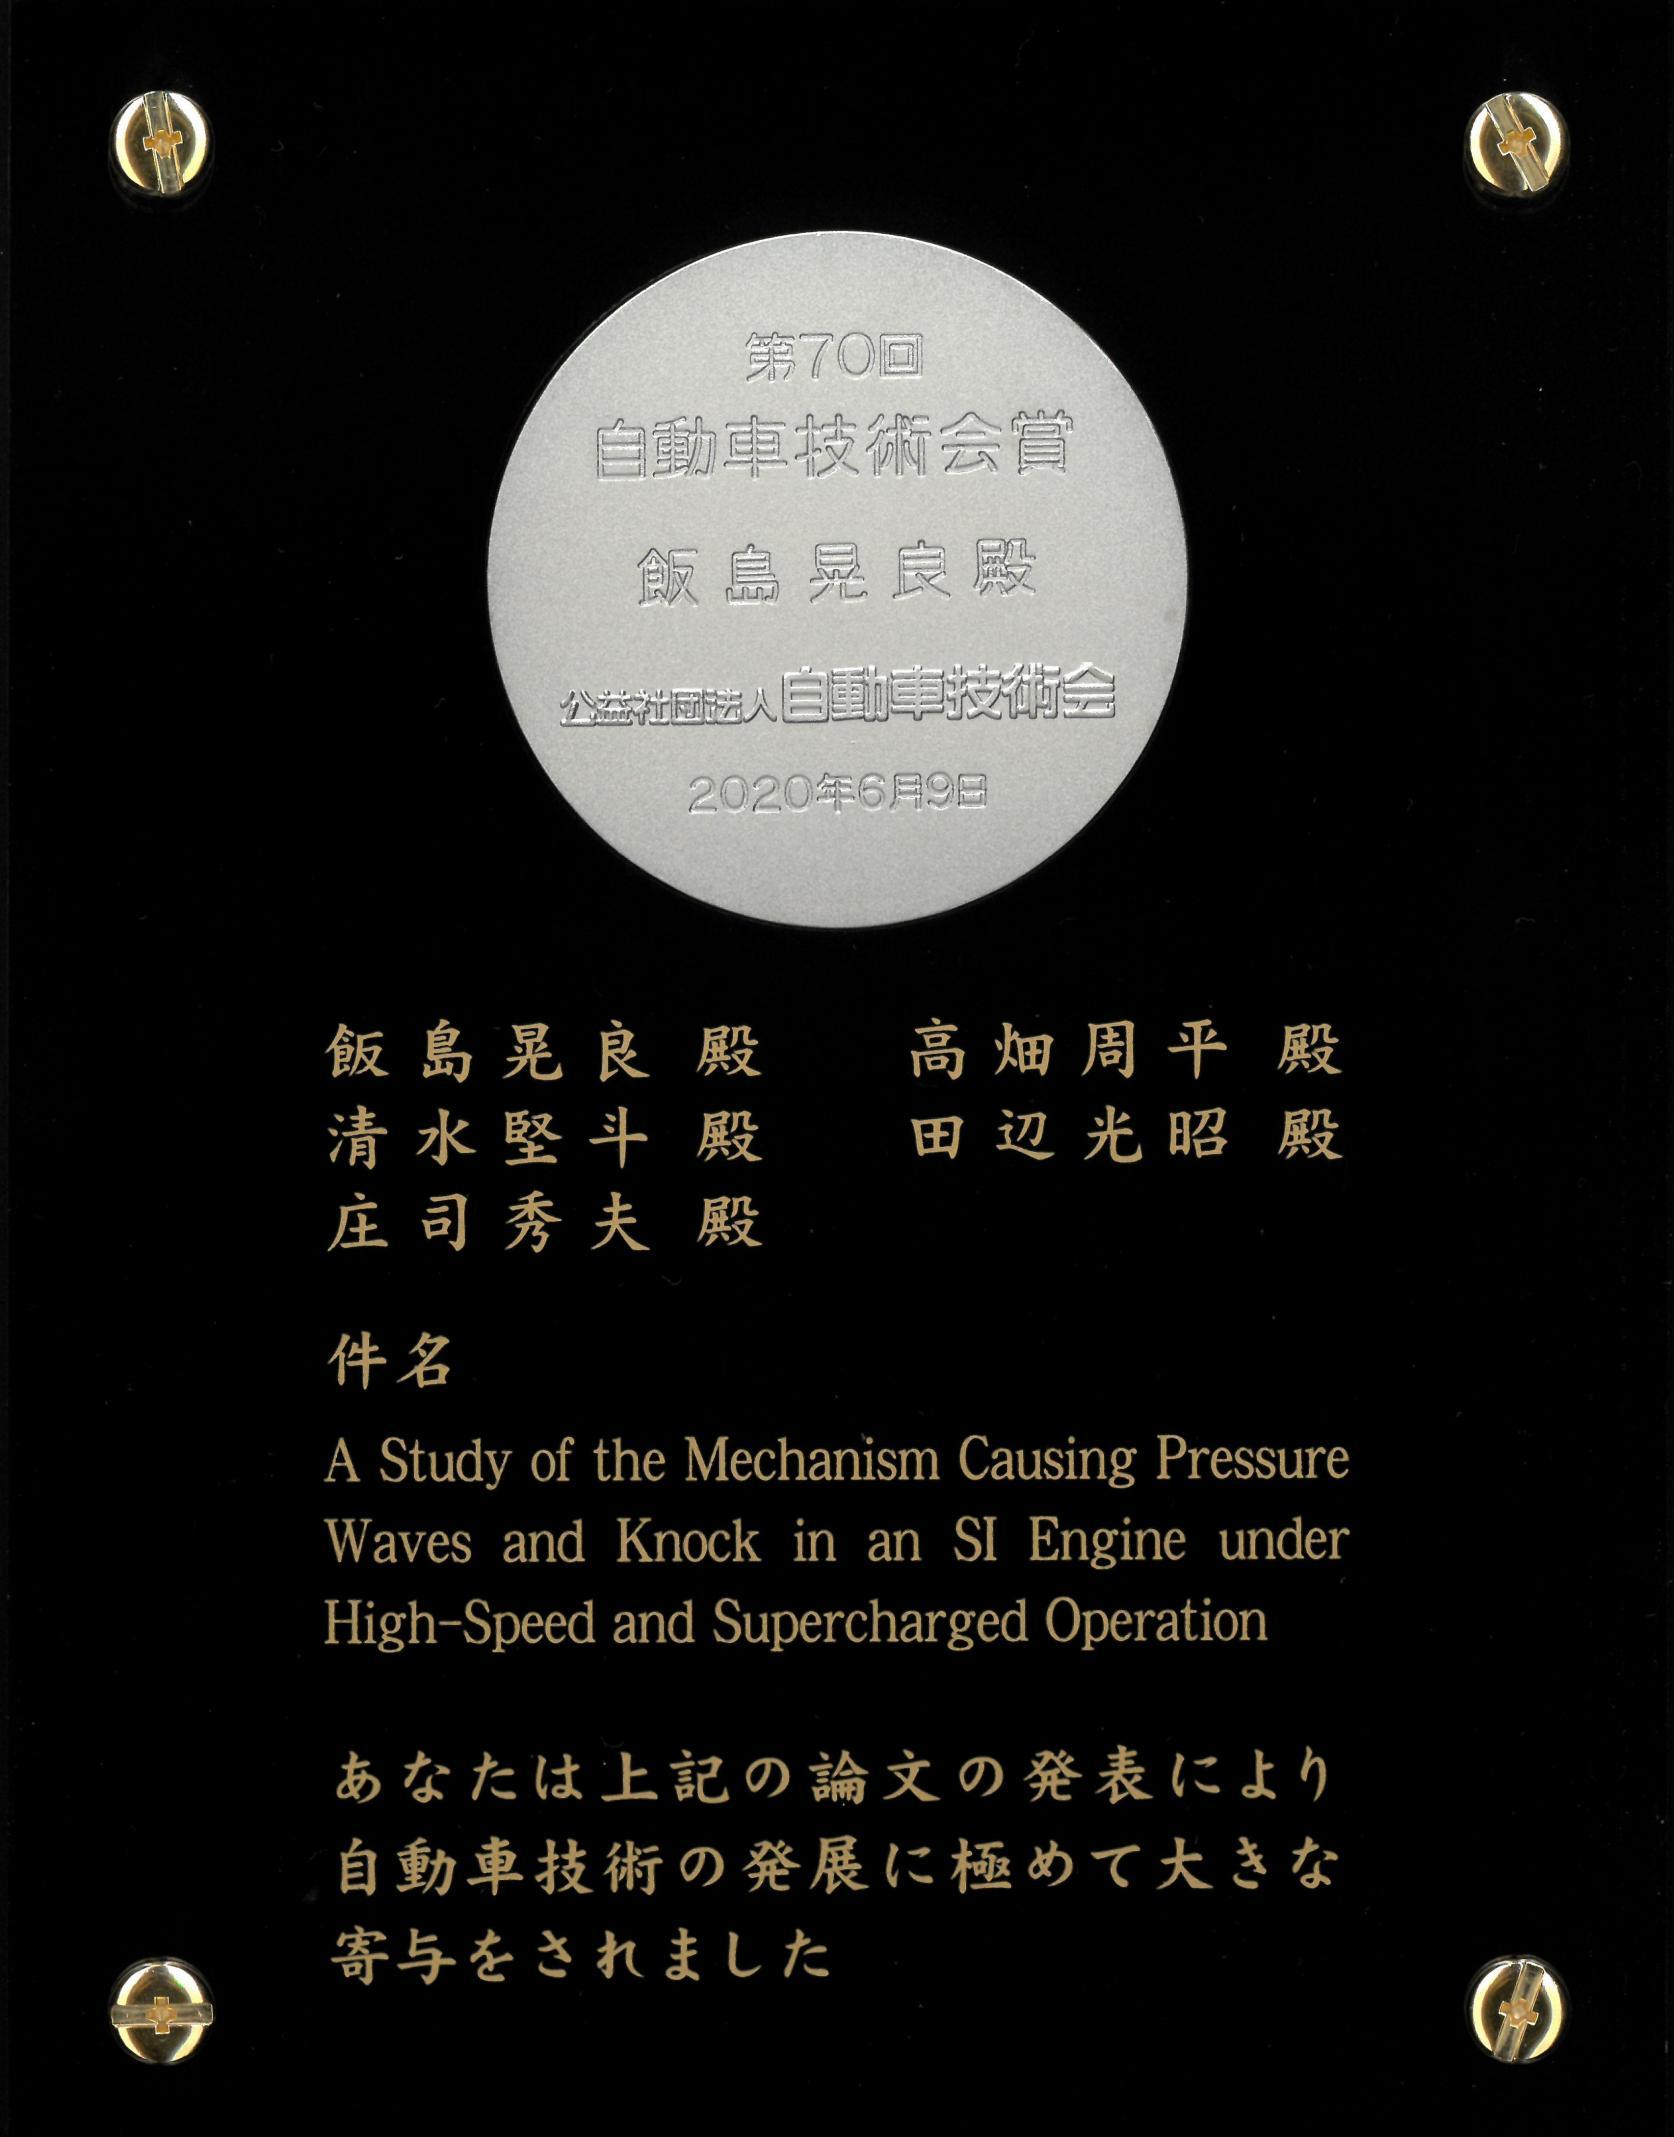 機械工学科 飯島晃良准教授らが、第70回自動車技術会賞(論文賞)を受賞しました。